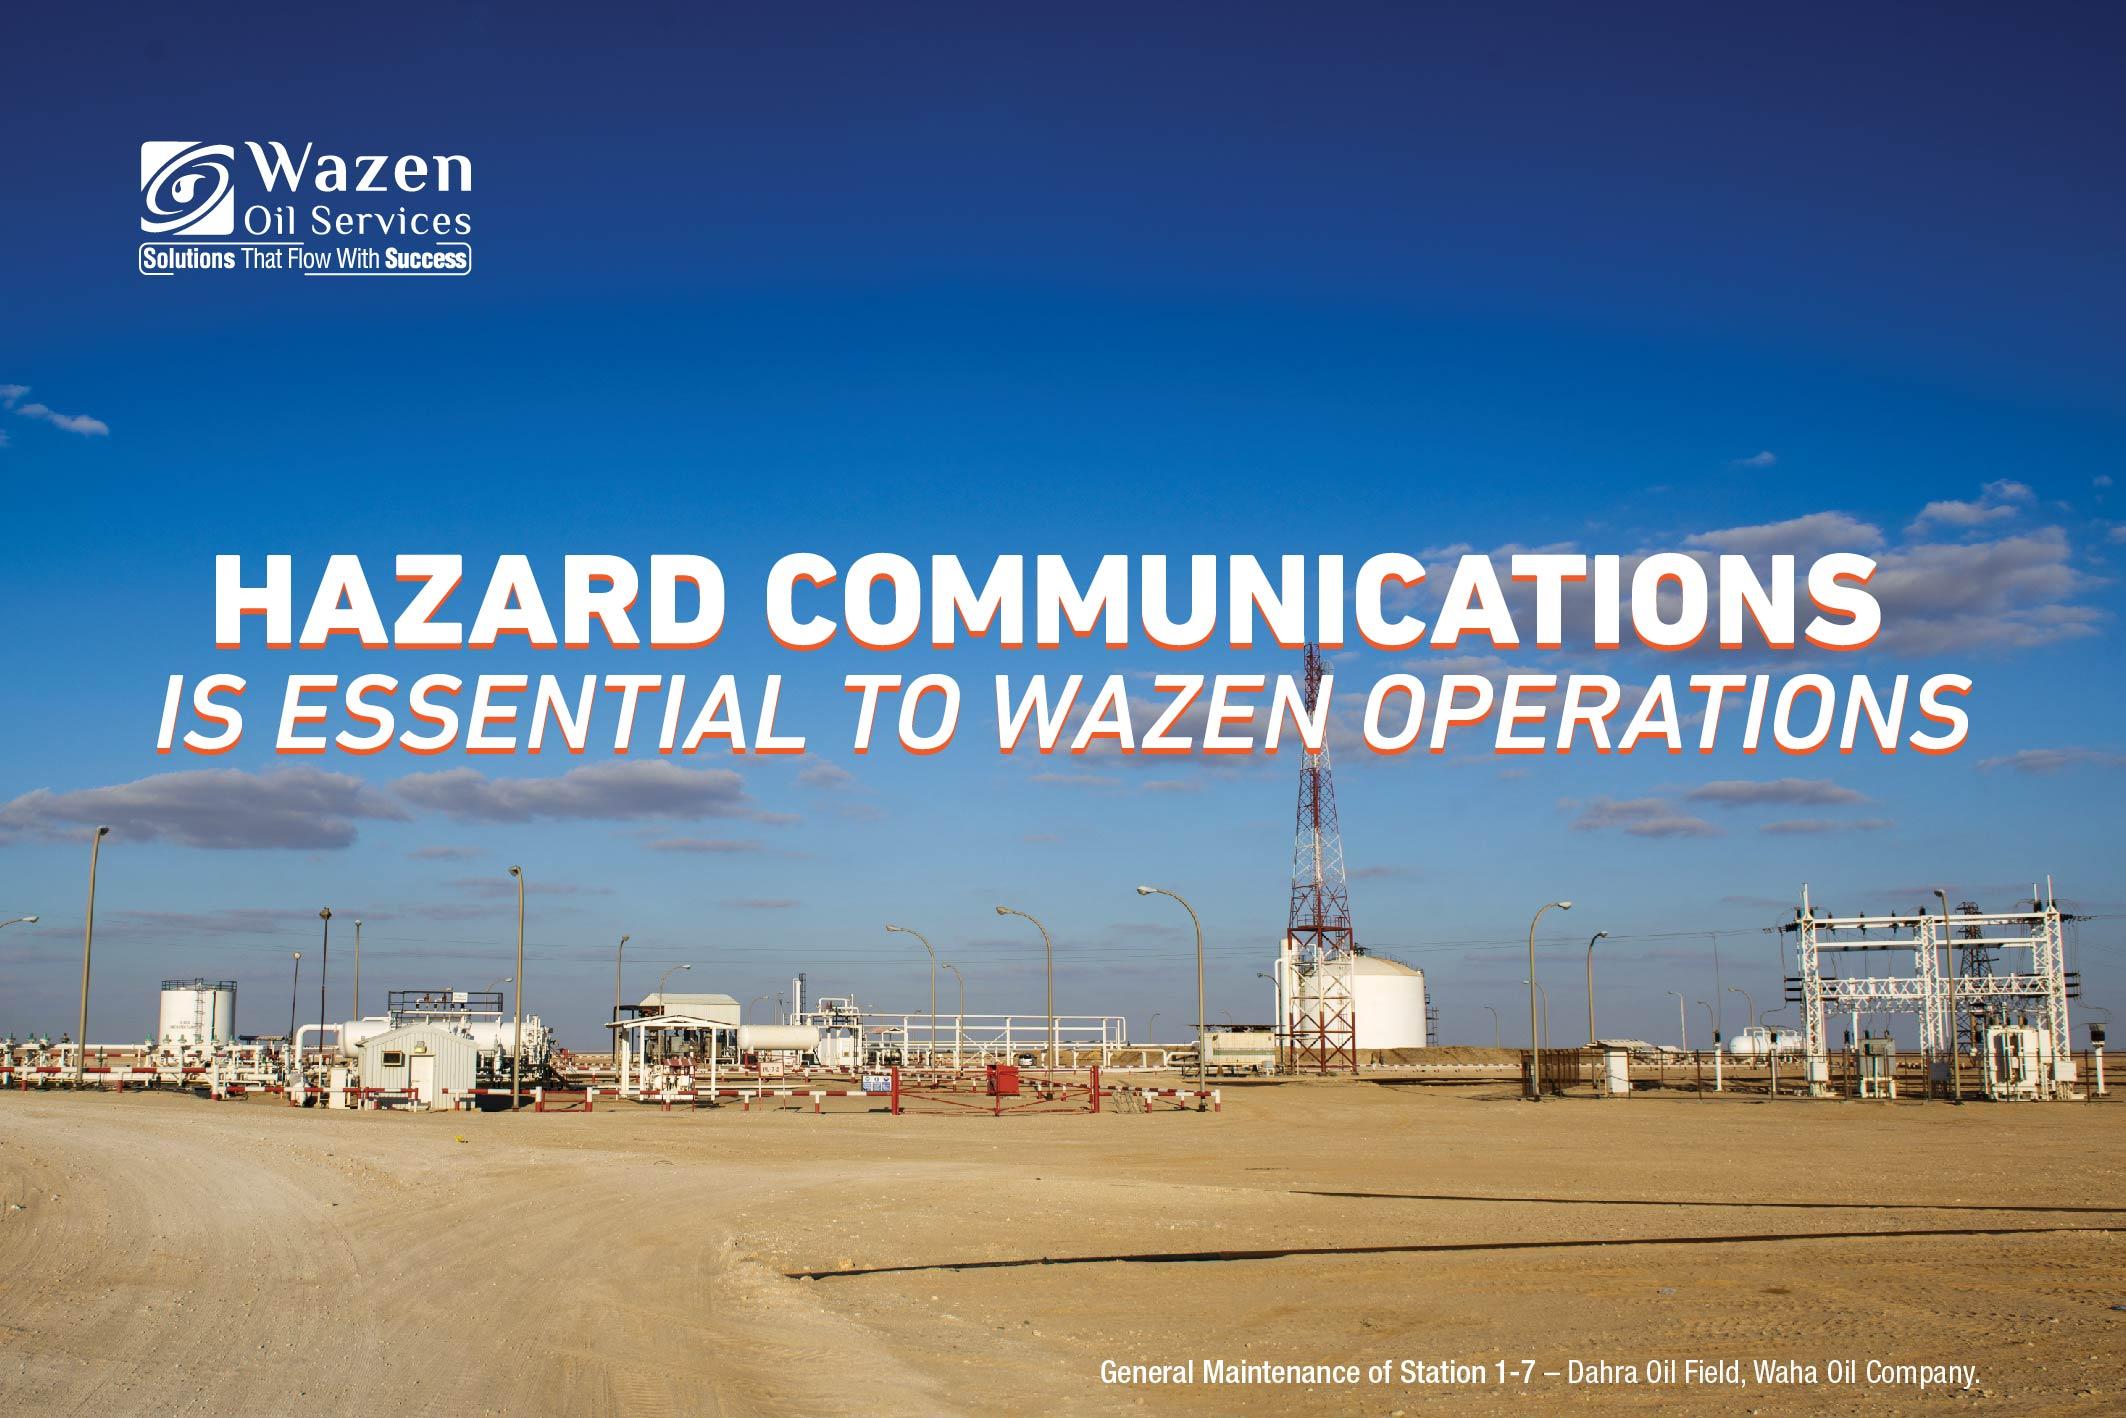 Services | Wazen Oil Services